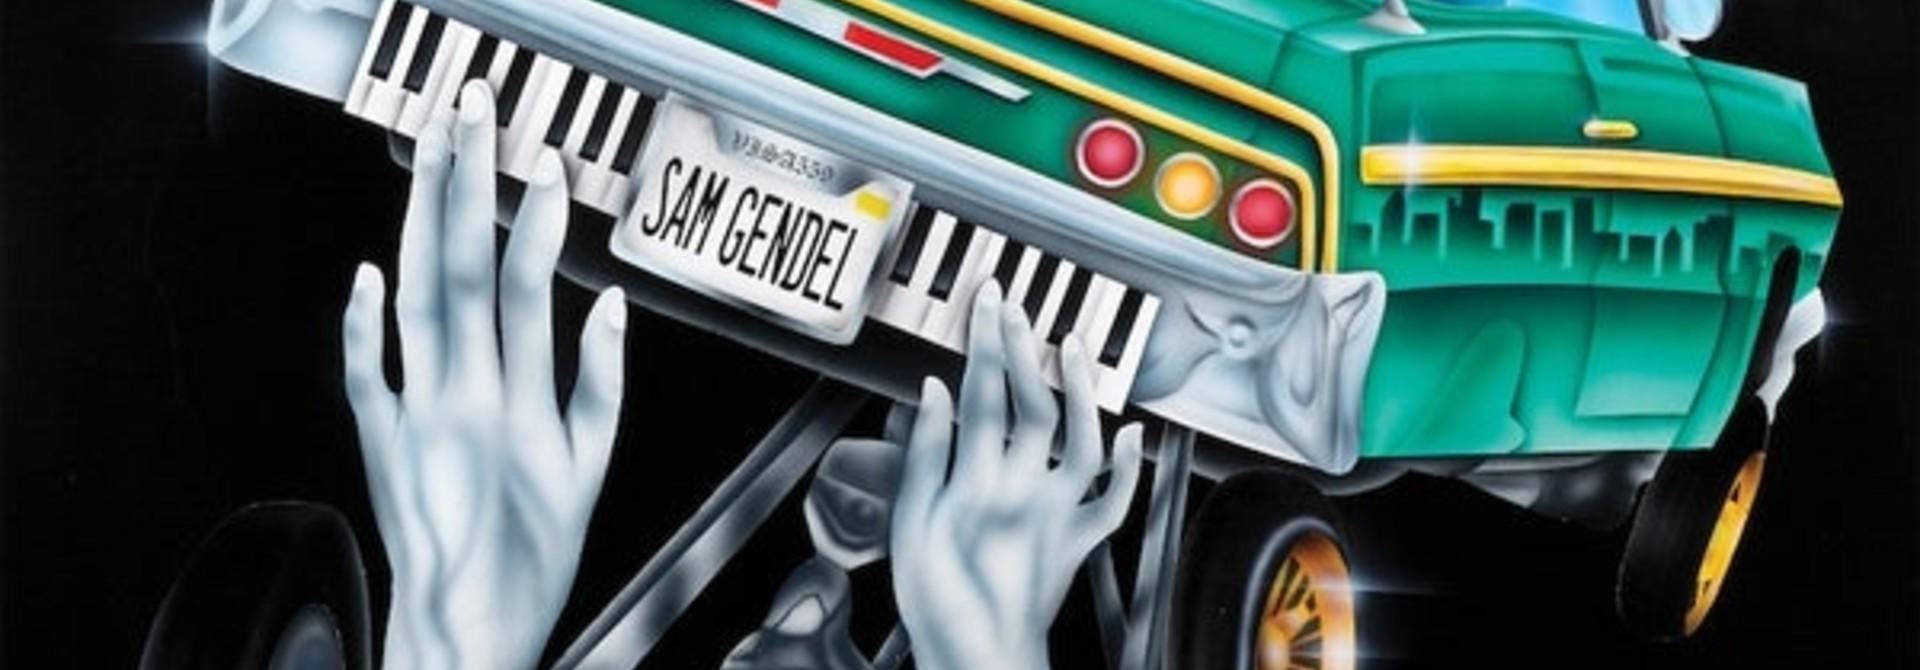 Sam Gendel • Satin Doll